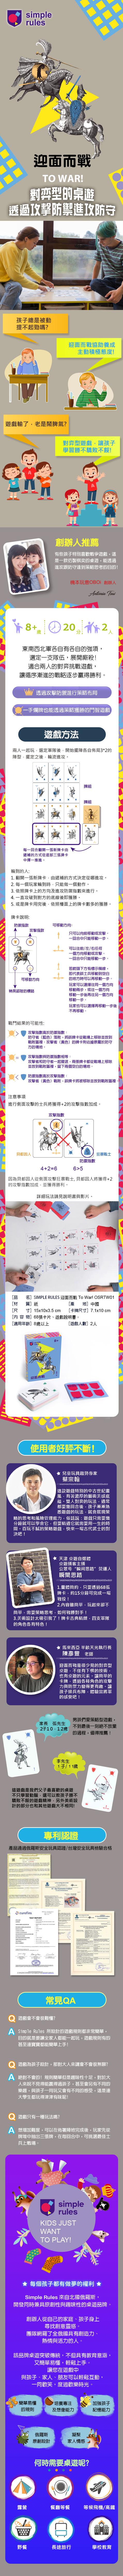 (複製)simple rules 松鼠取堅果與洗襪子組合桌遊